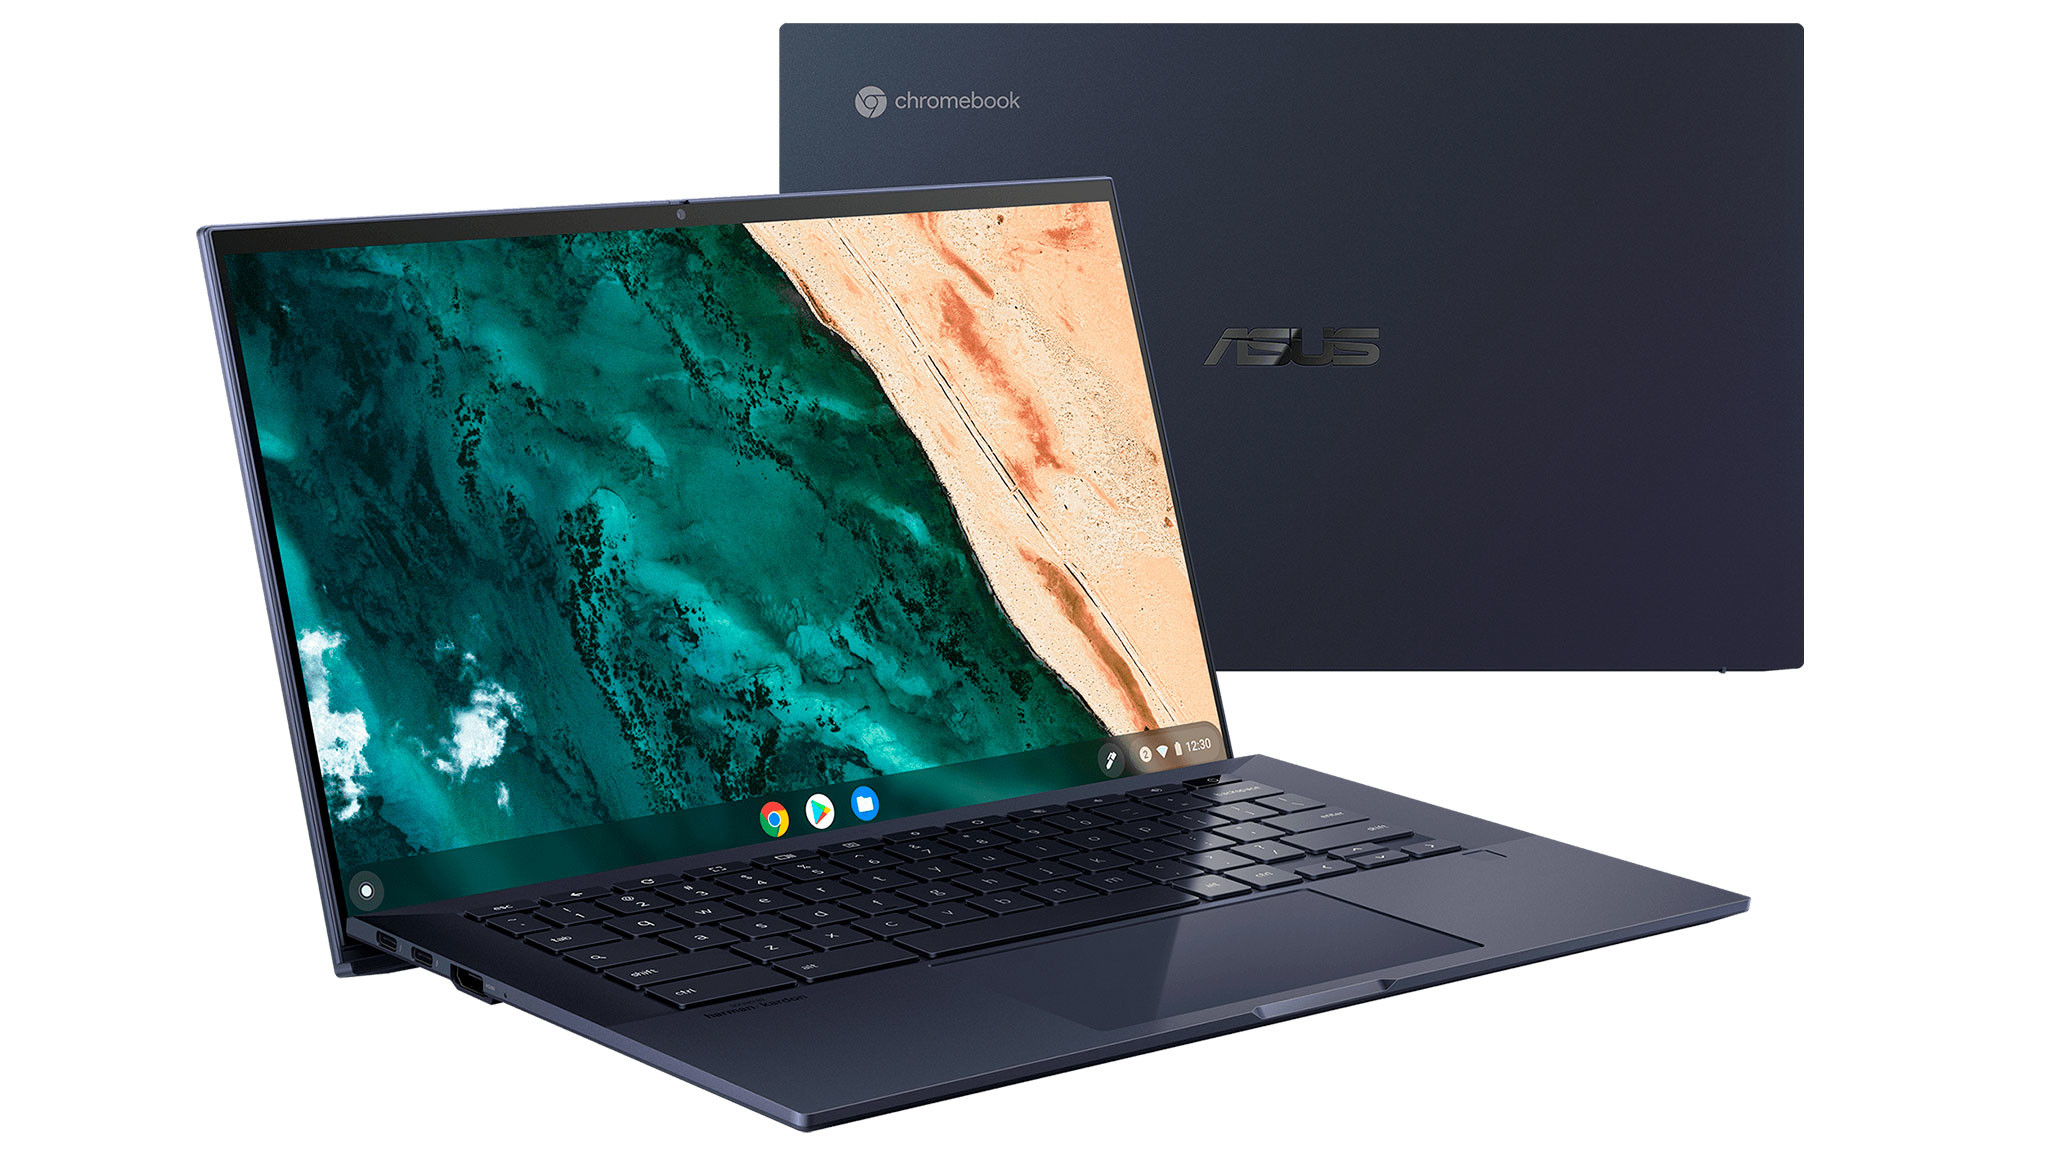 Asus Chromebook CX9 vor weißem Hintergrund©Asus